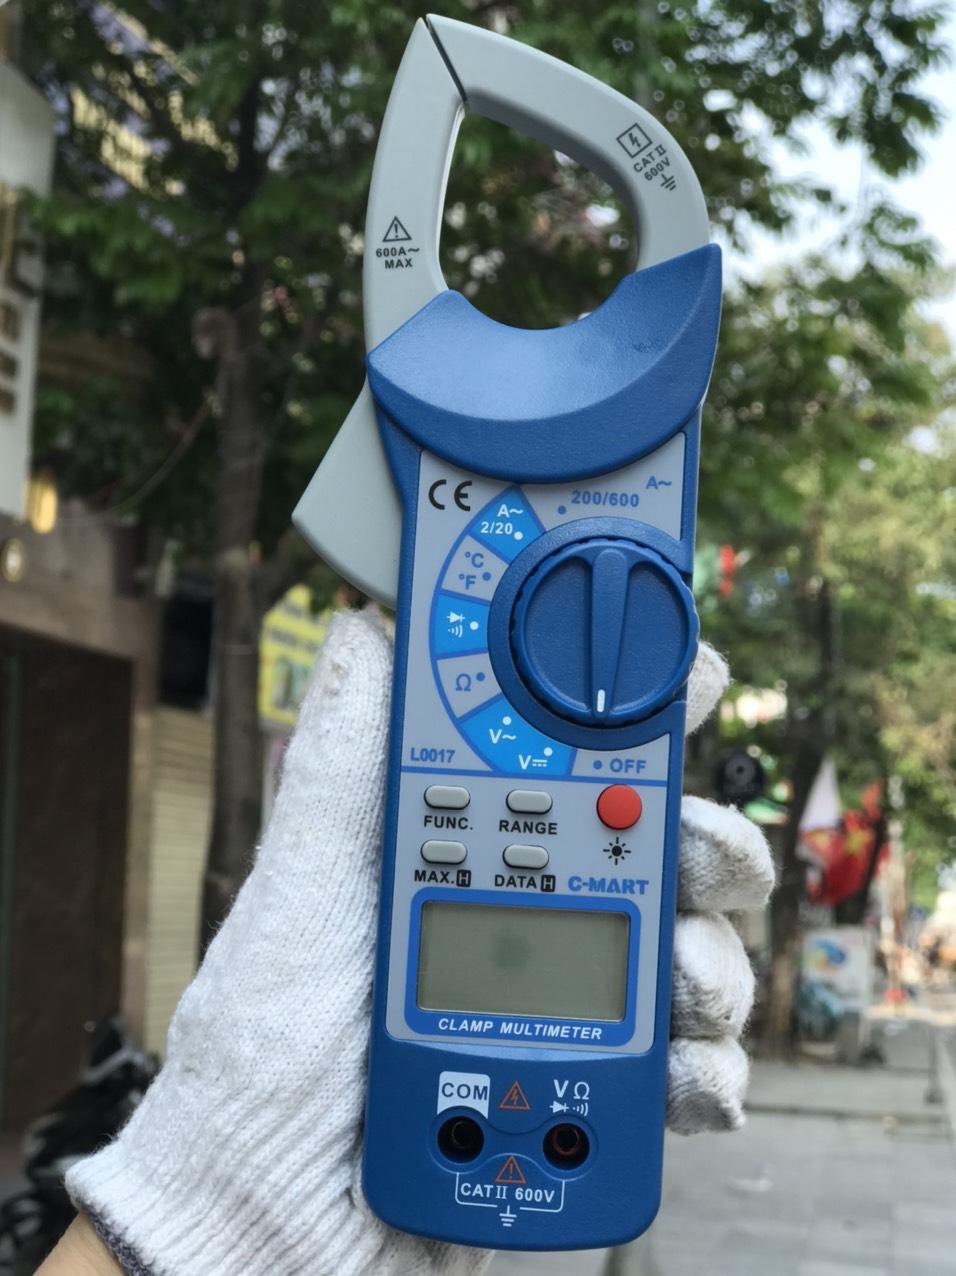 Ampe kìm đo AC kỹ thuật số chính hãng C-MART